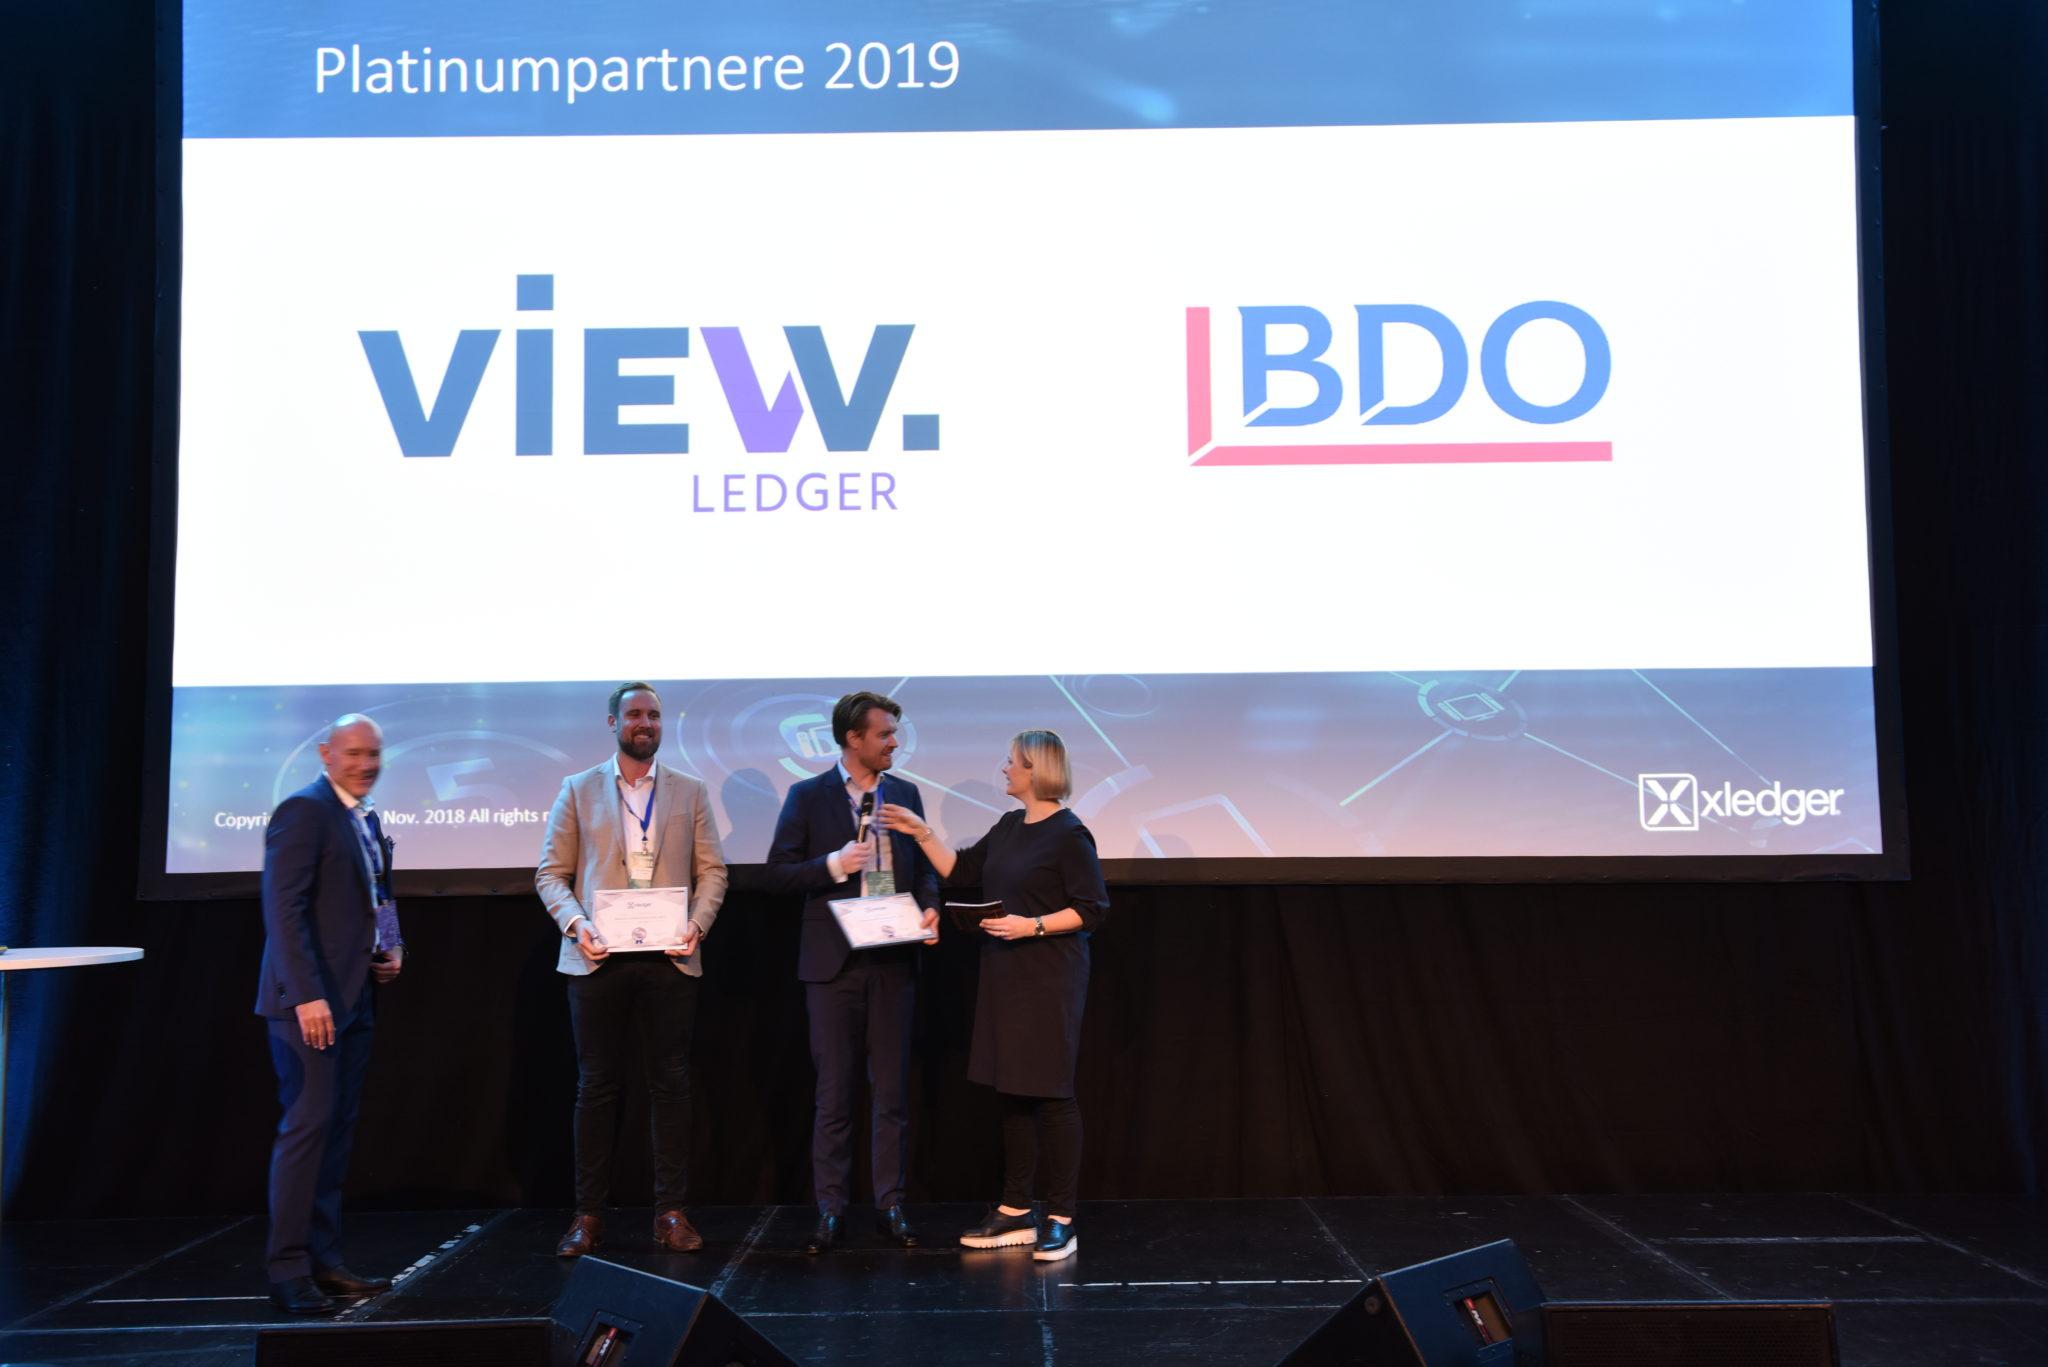 Foto: Victor Karlstorpet - Xledger Platinumpartnere 2019